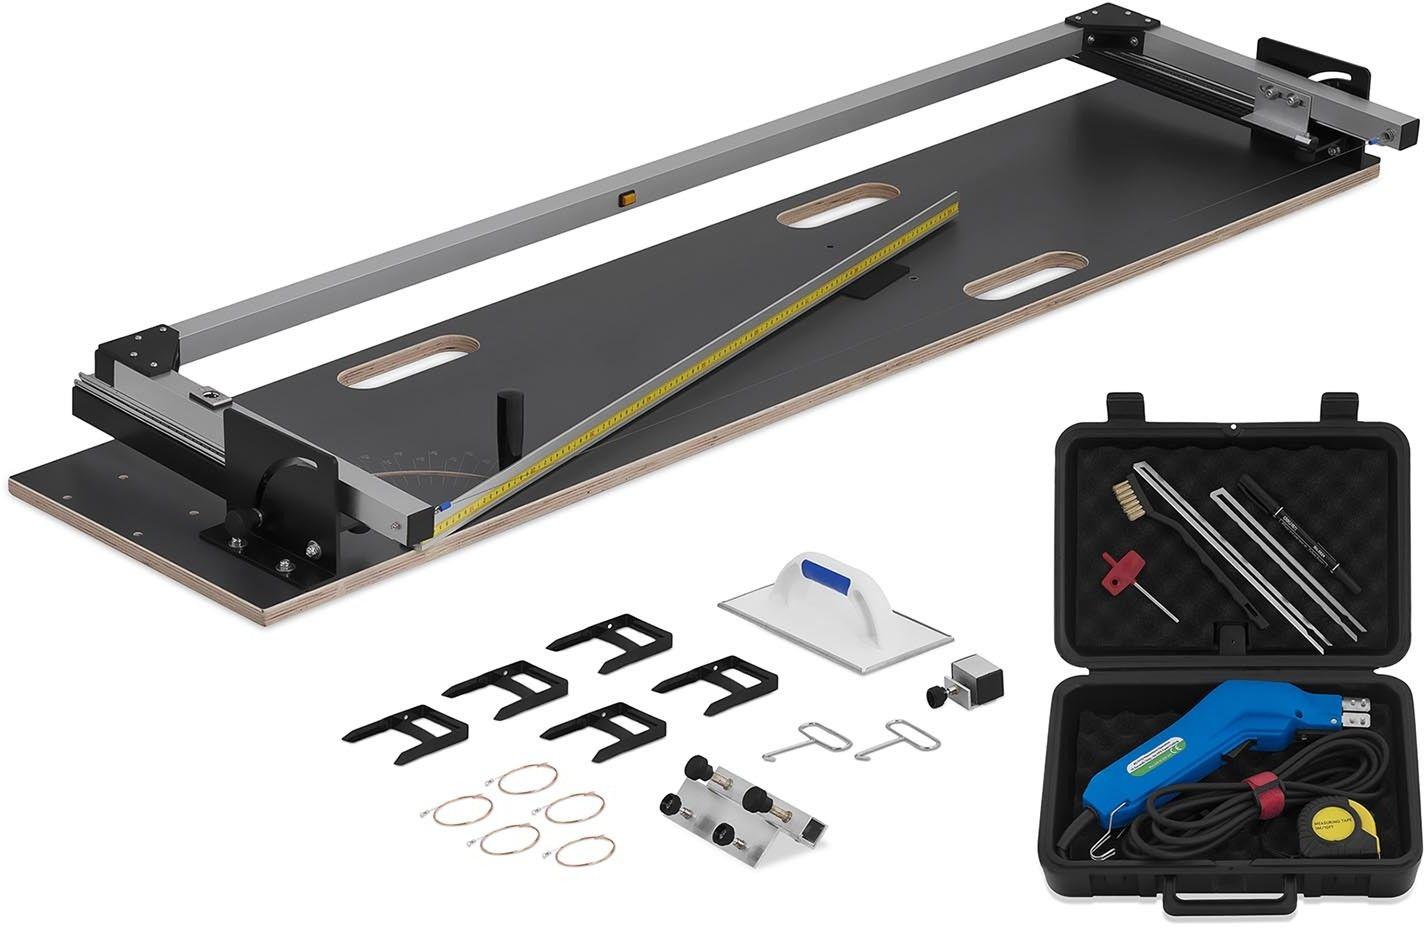 Zestaw Maszyna do cięcia styropianu - 1350/320 mm + Nóż do styropianu - 250 W - Pro Bauteam - EASYCUTTER SET - 3 lata gwarancji/wysyłka w 24h